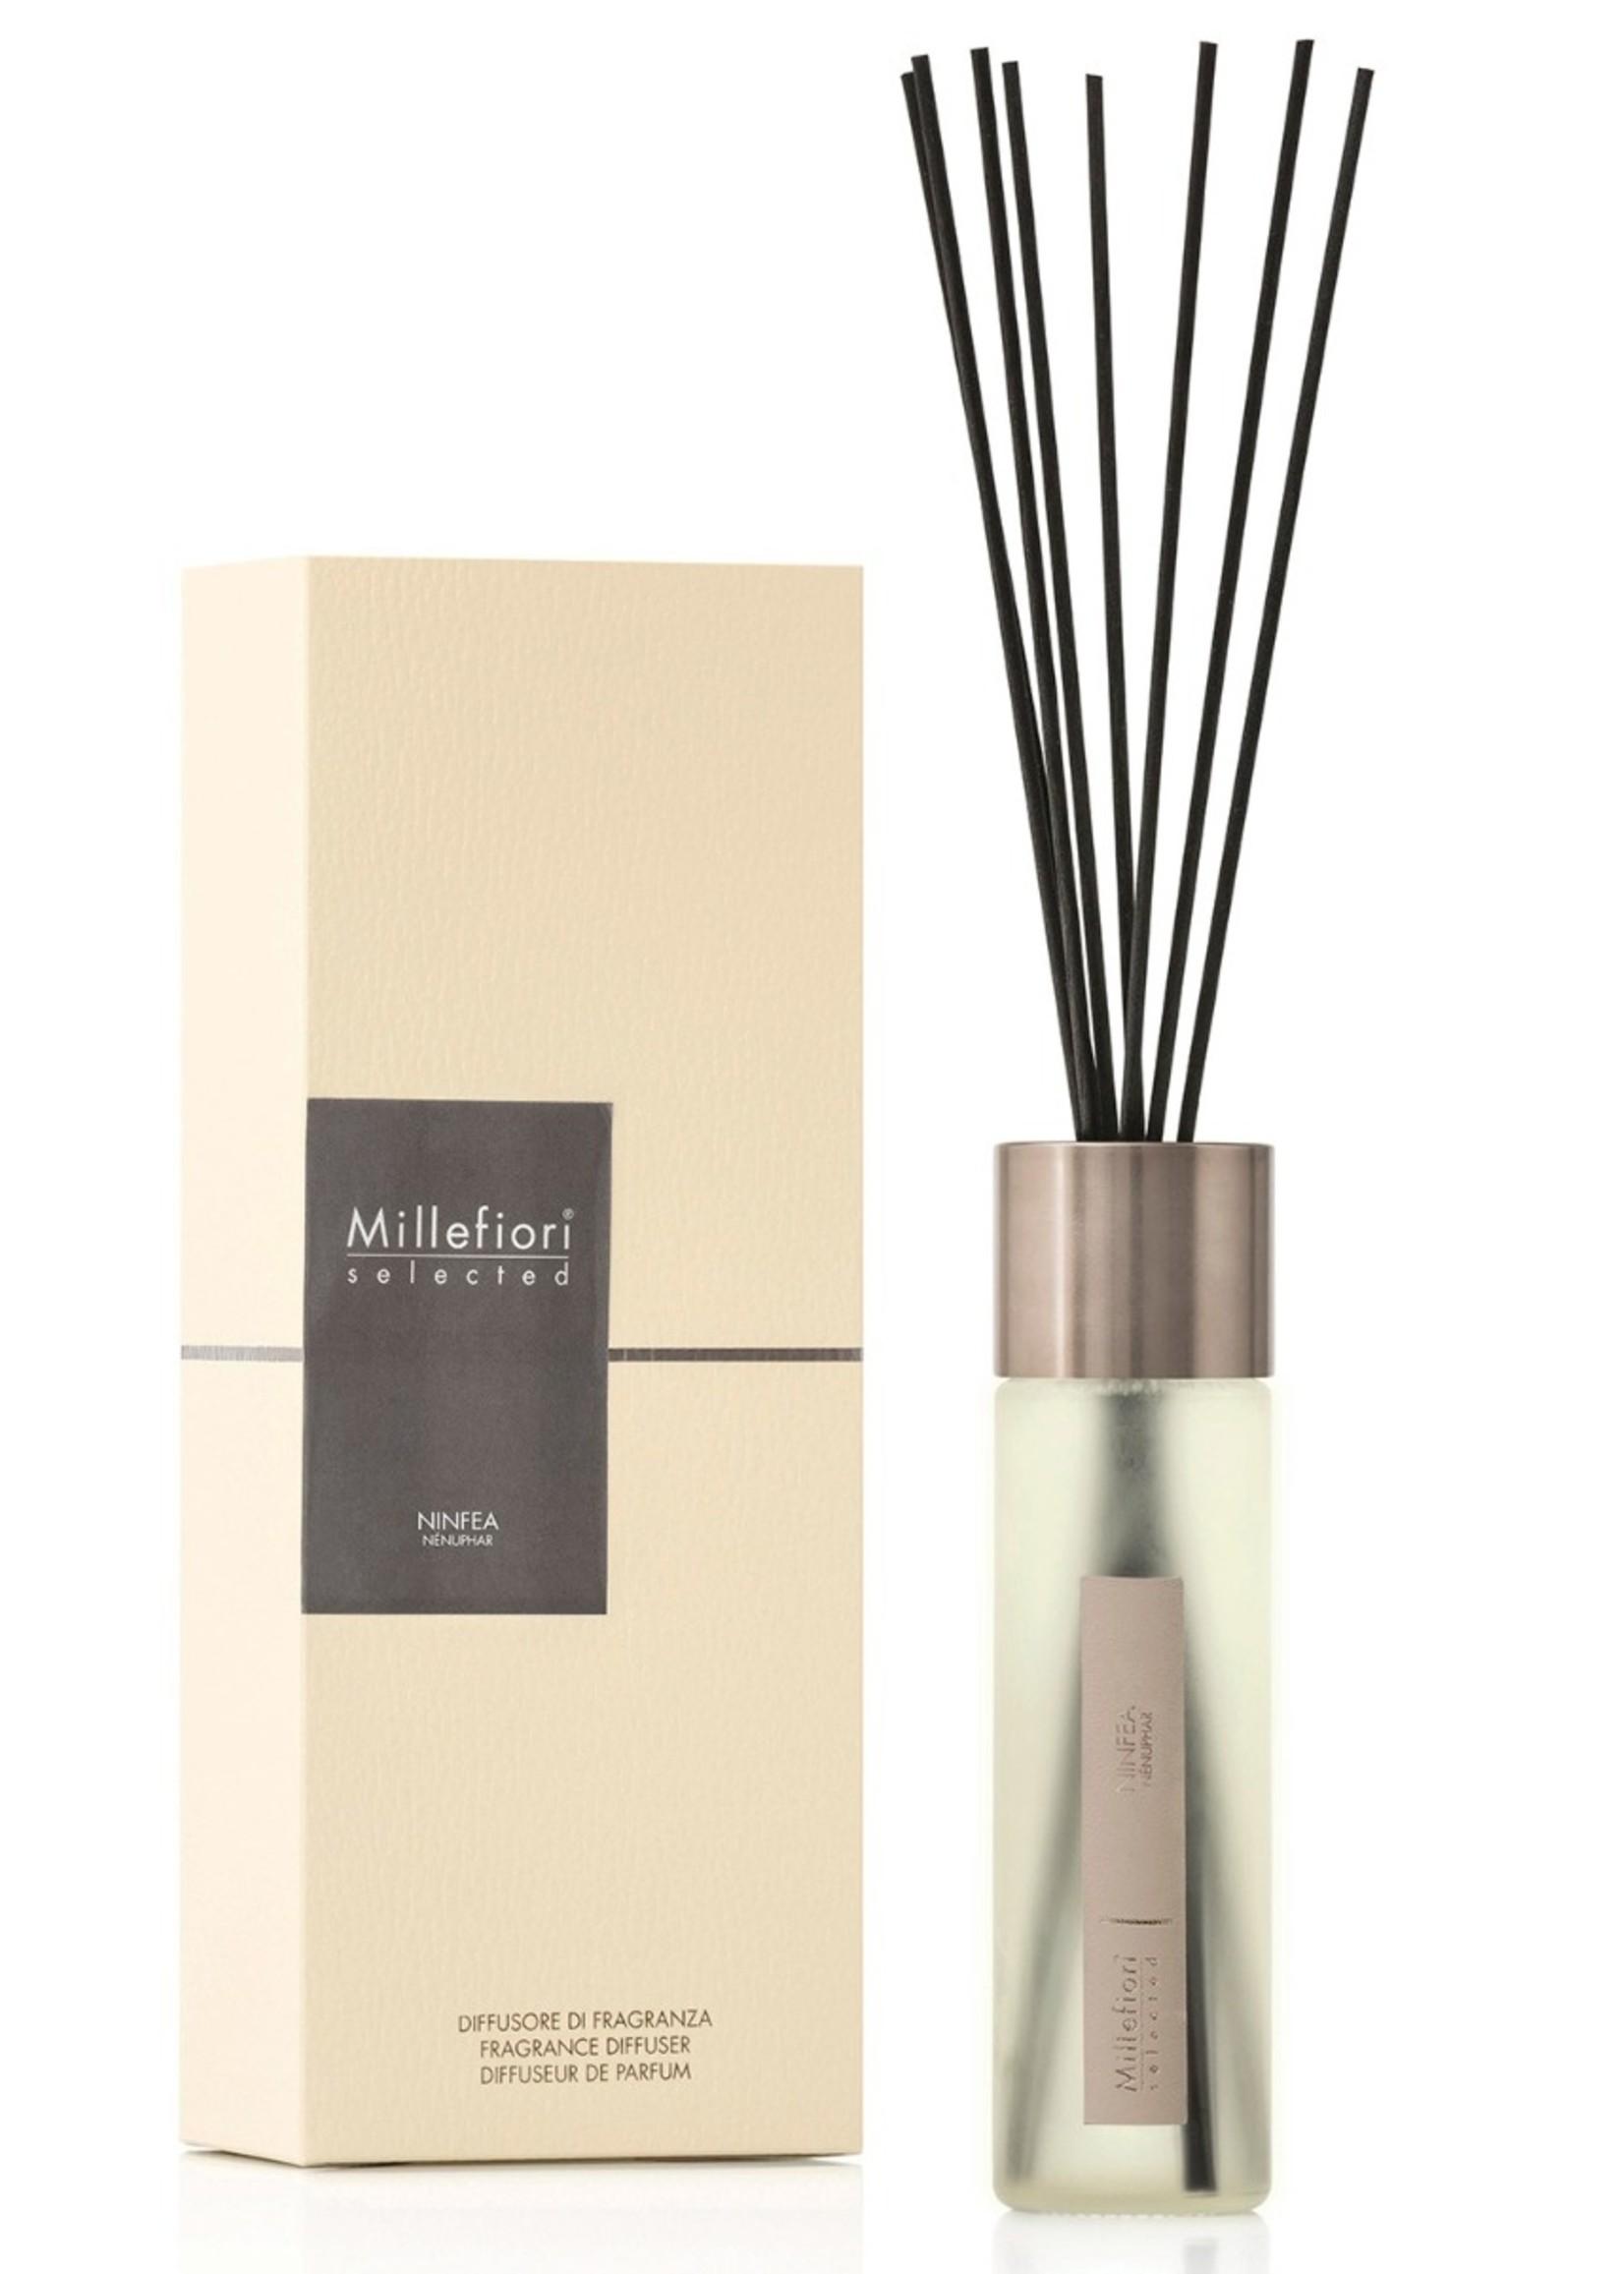 Millefiori selected diffuser 100 ml Nimfea